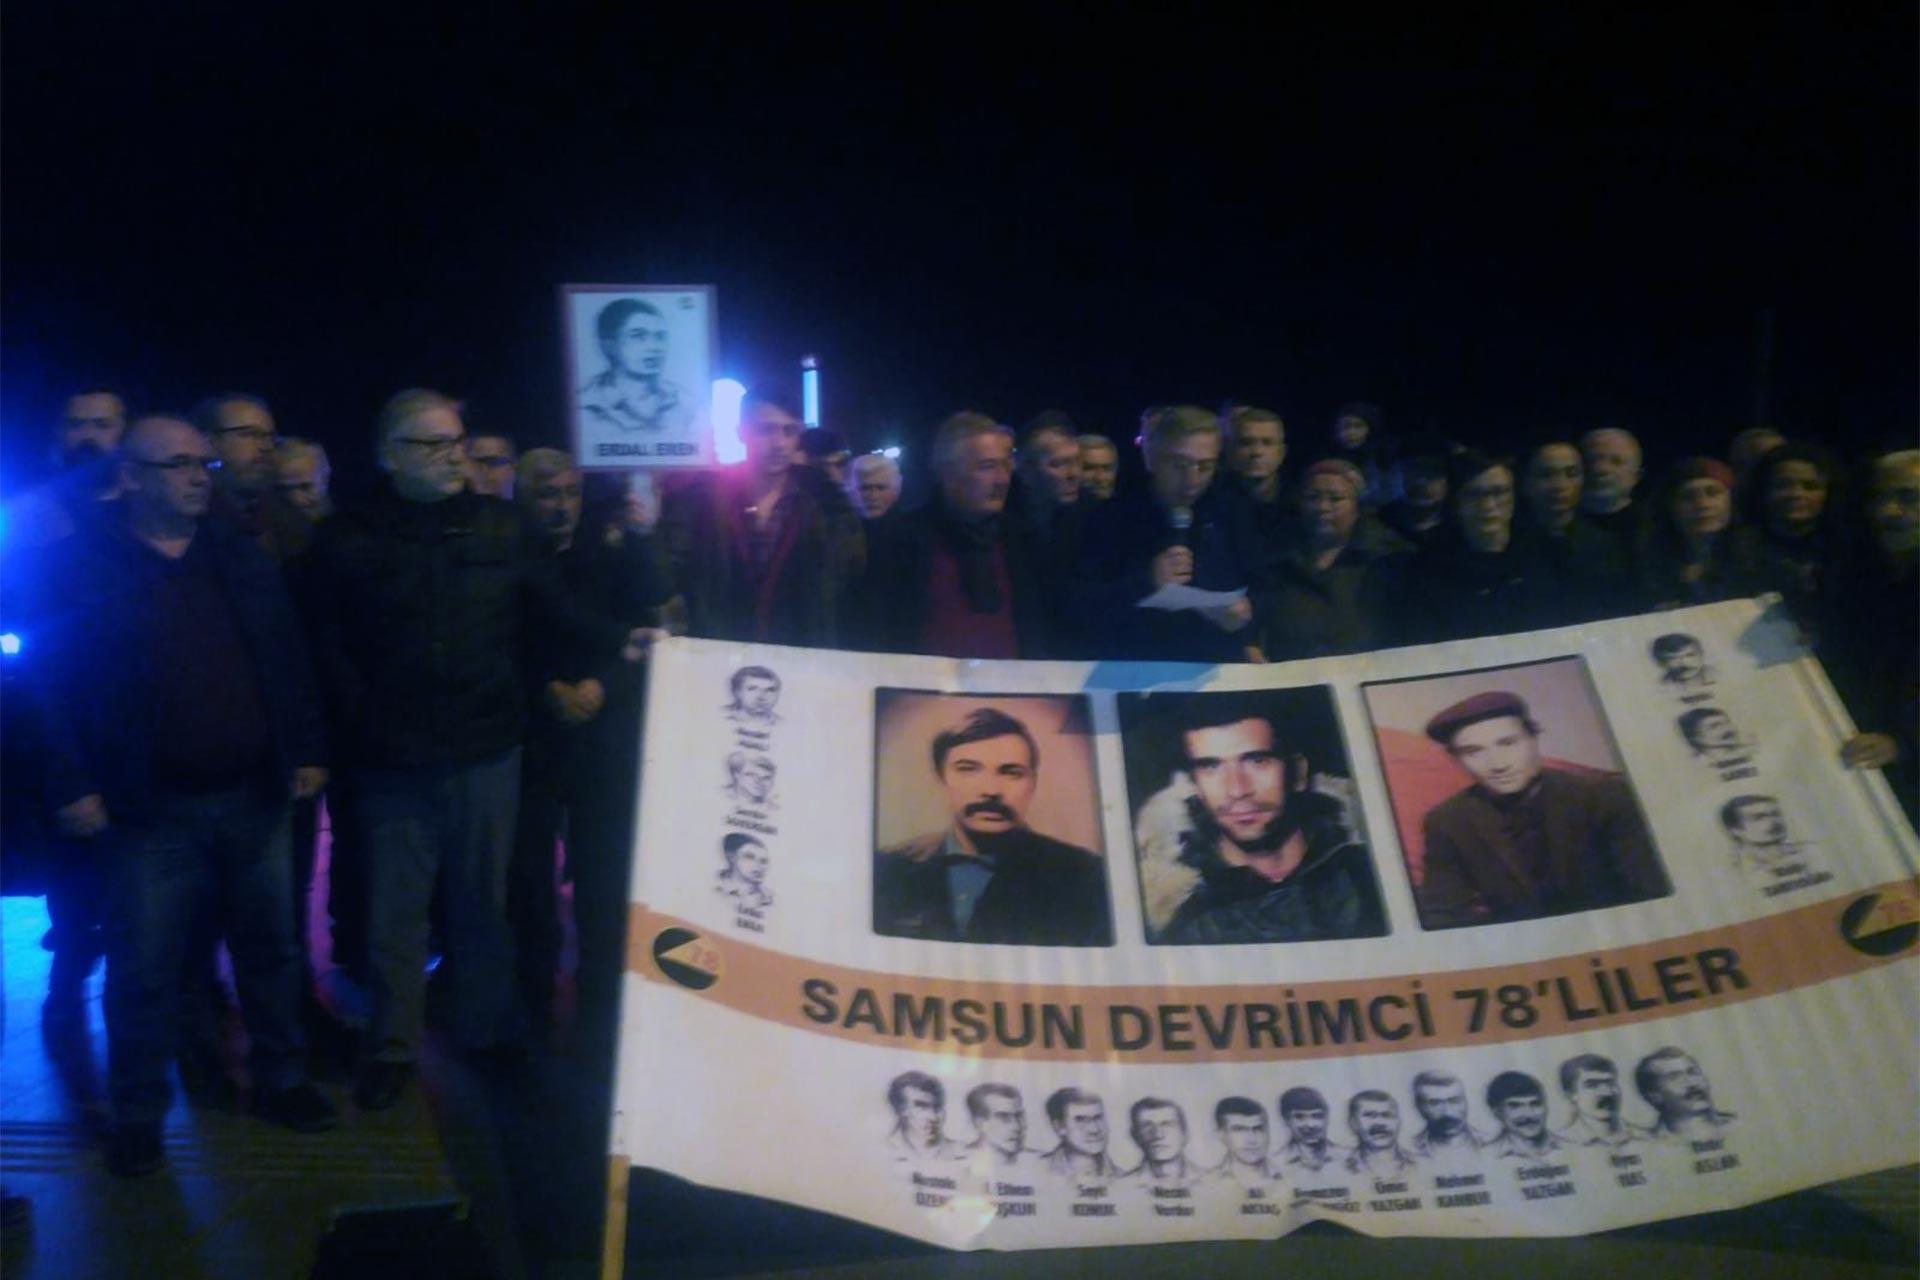 Erdal Eren'i anmak üzere düzenlenen basın açıklamasında bir araya gelen insanlar